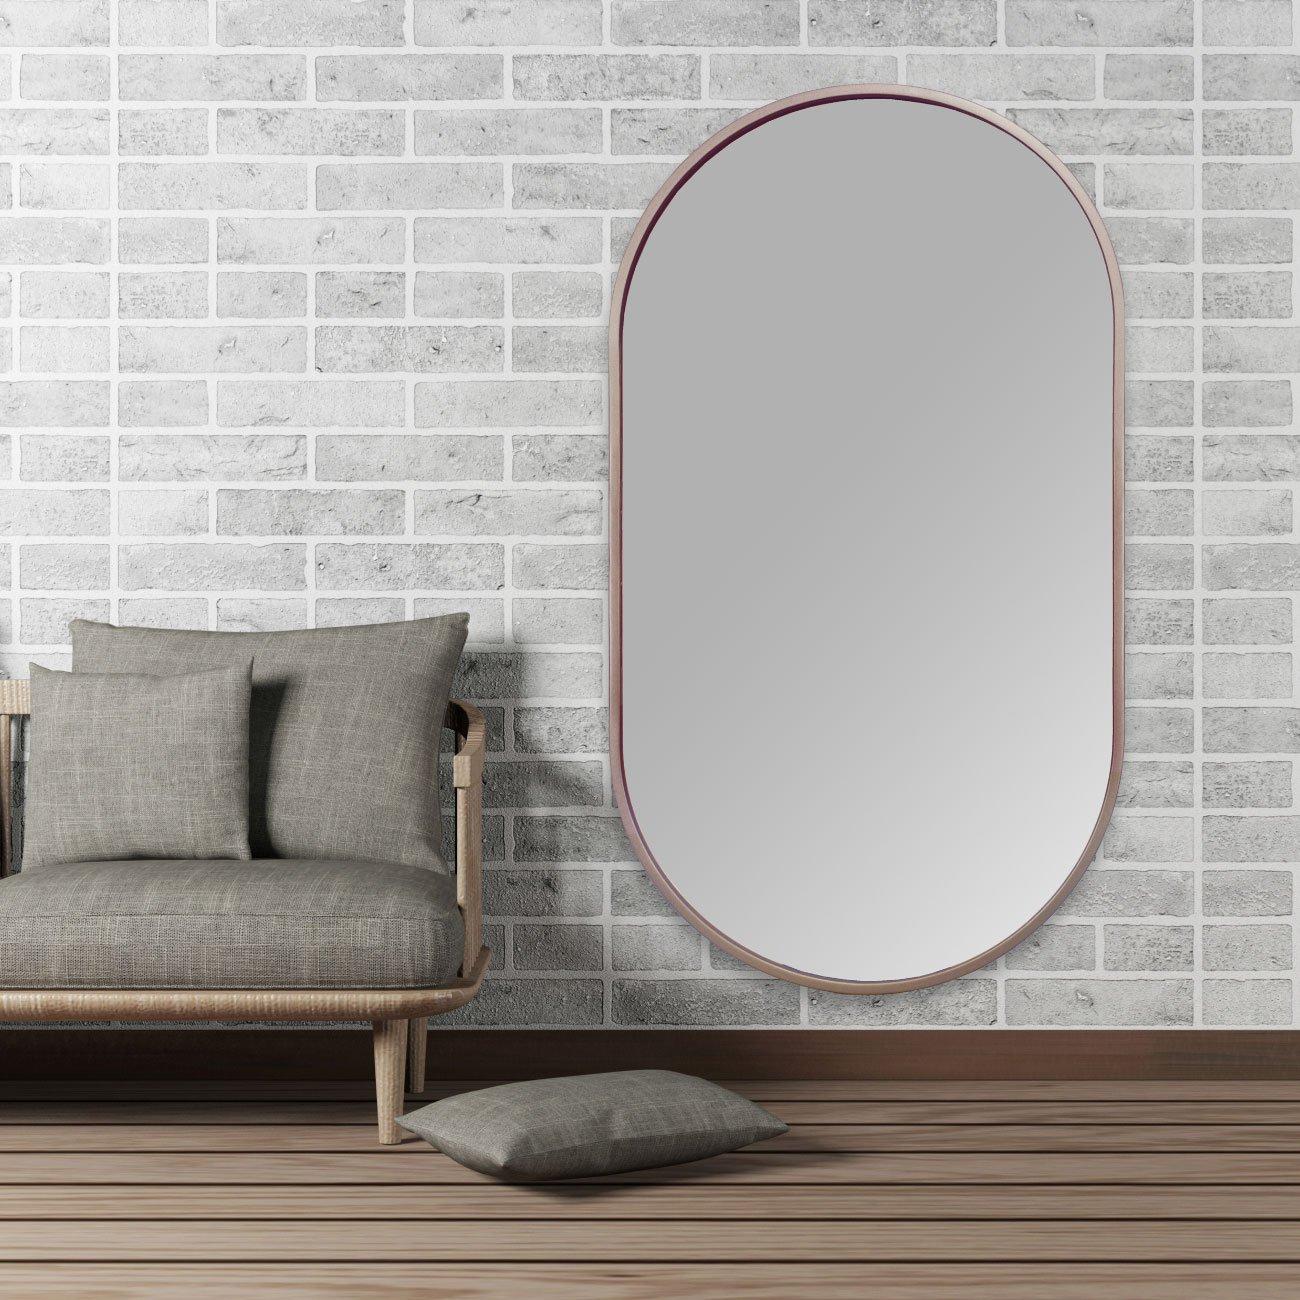 Espelho Decorativo Retangular Arredondado com Moldura Cobre